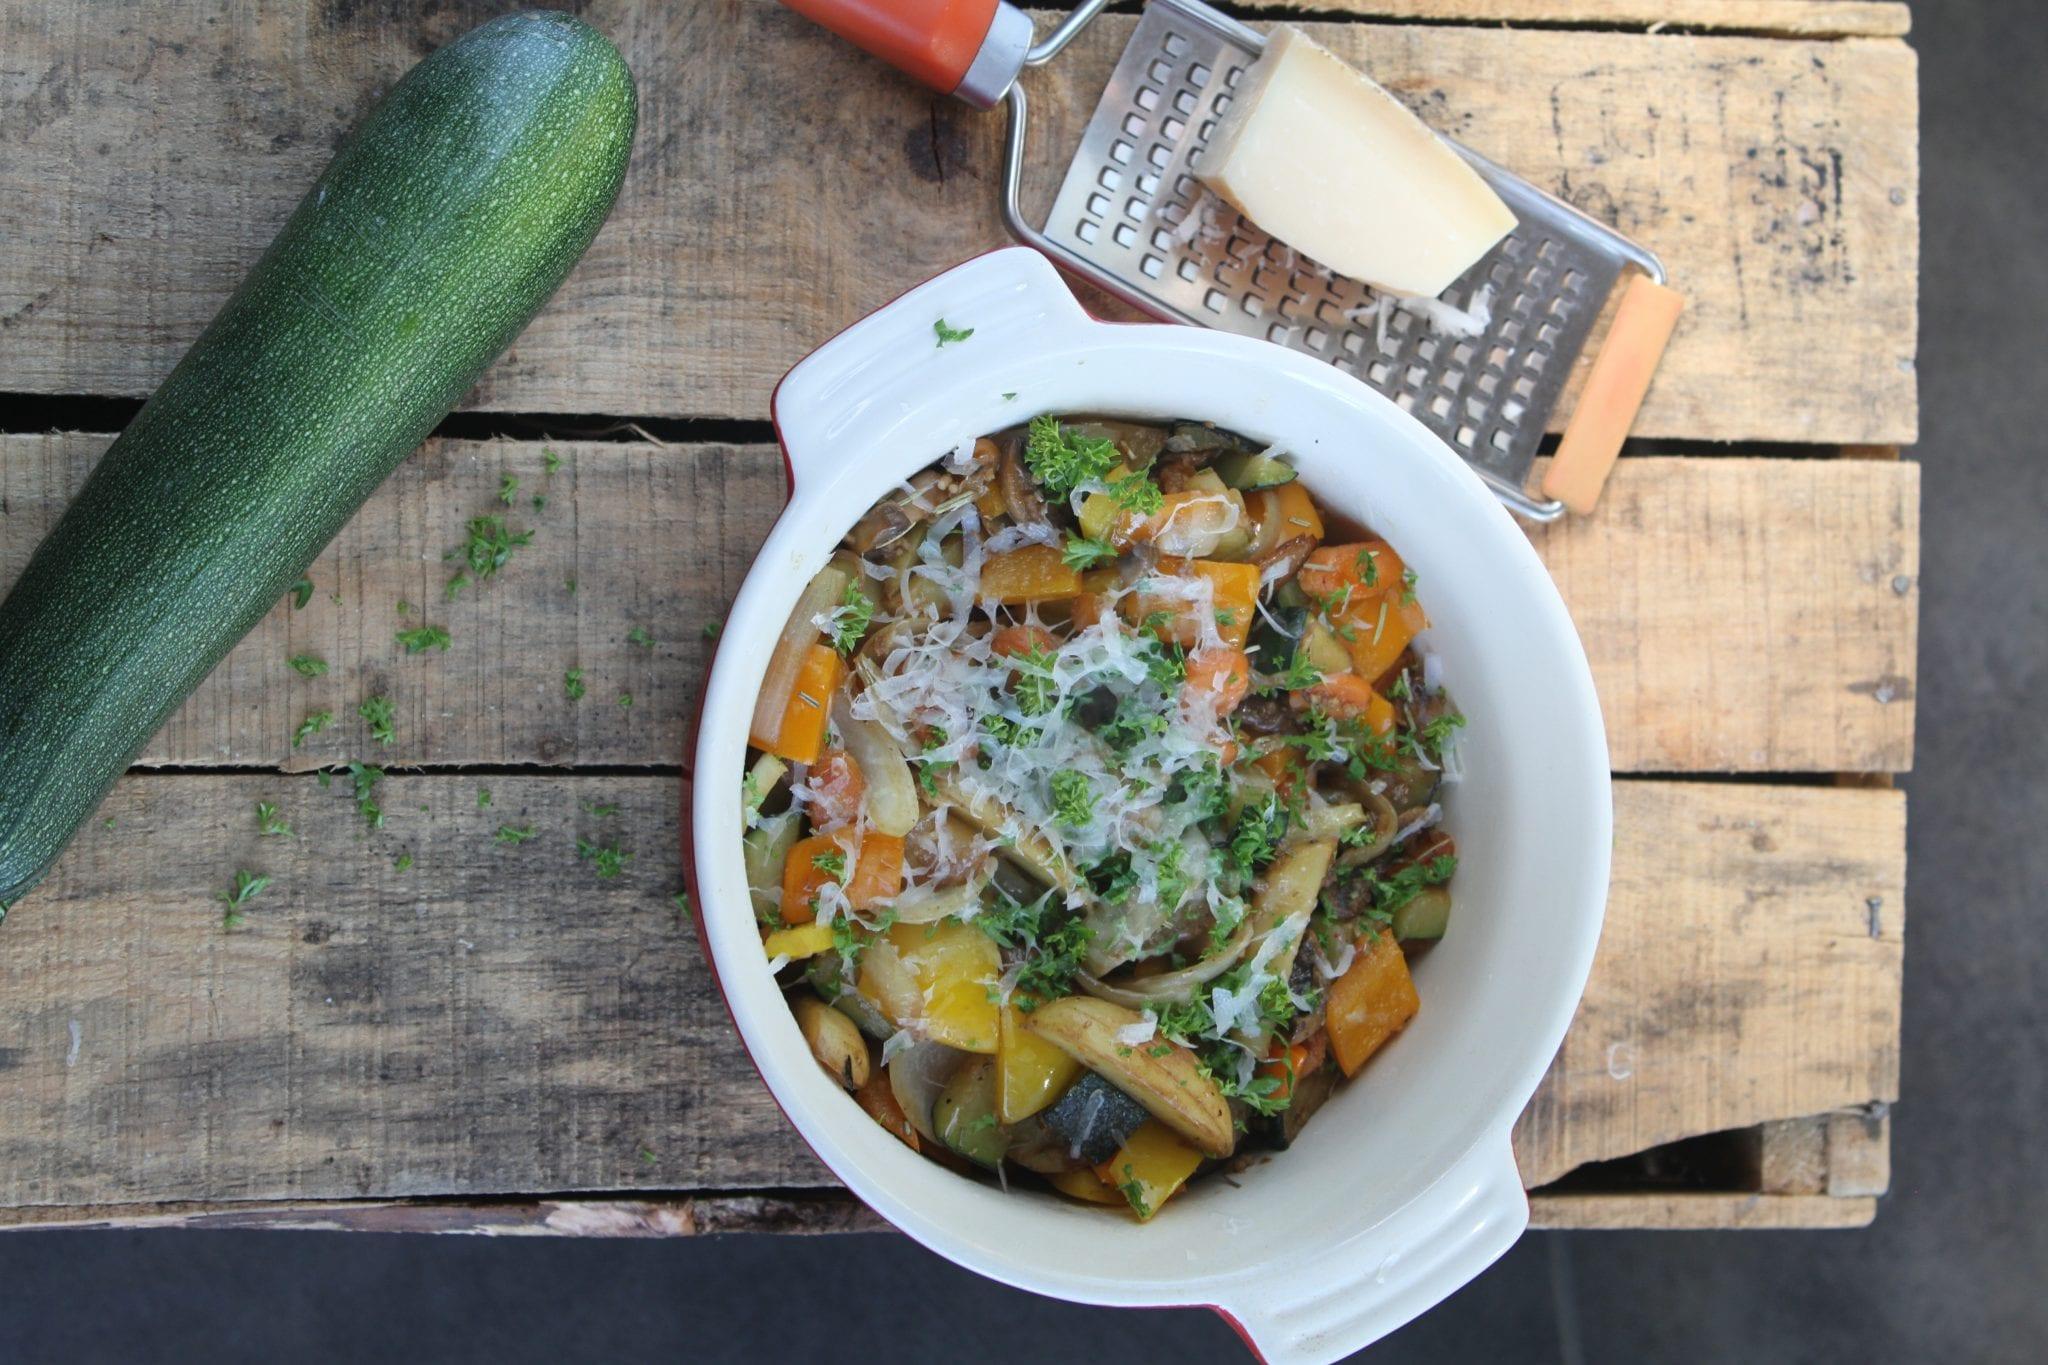 Spicy Grøntsagssalat - der mætter godt